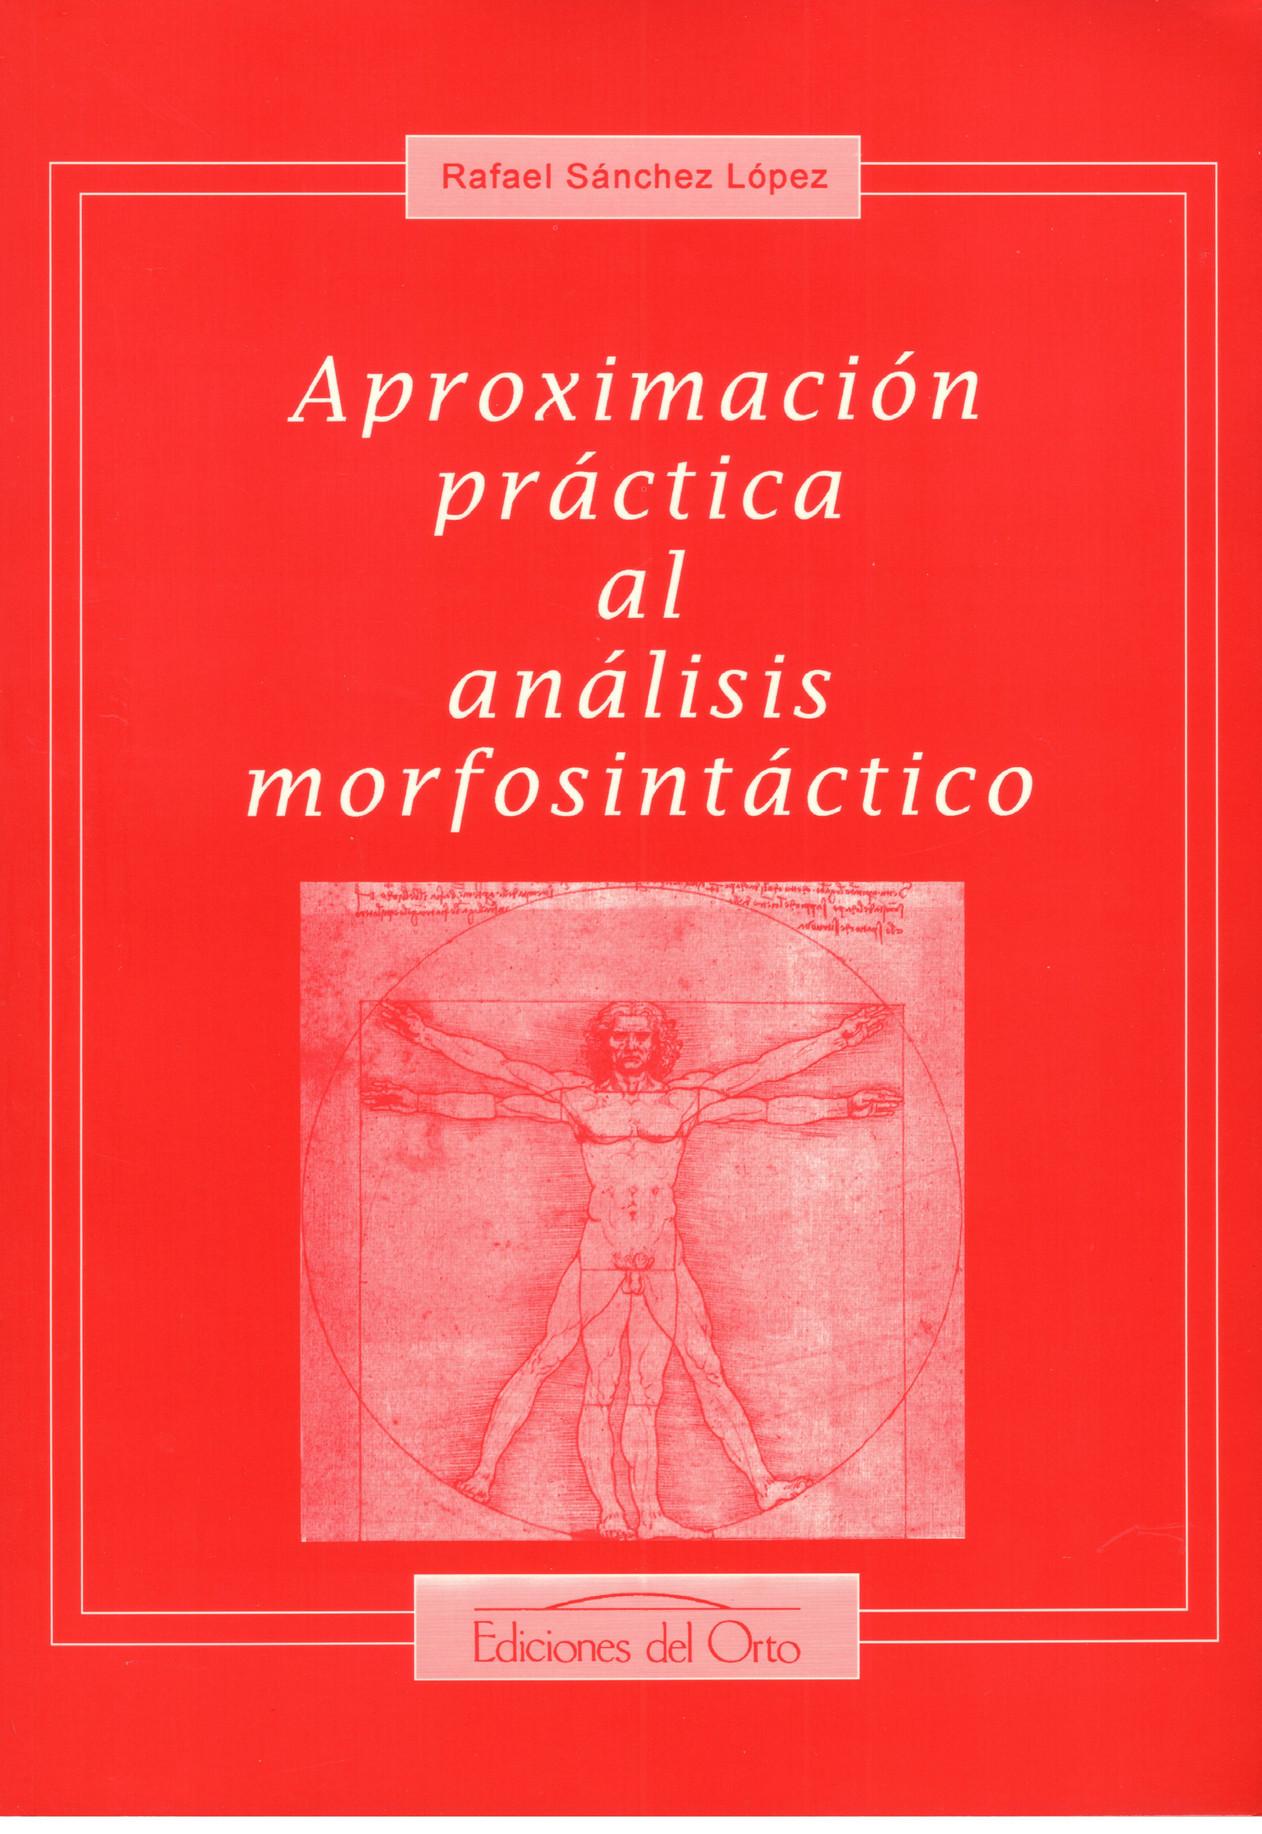 APROXIMACION PRACTICA AL ANALISIS MORFOSINTACTICO